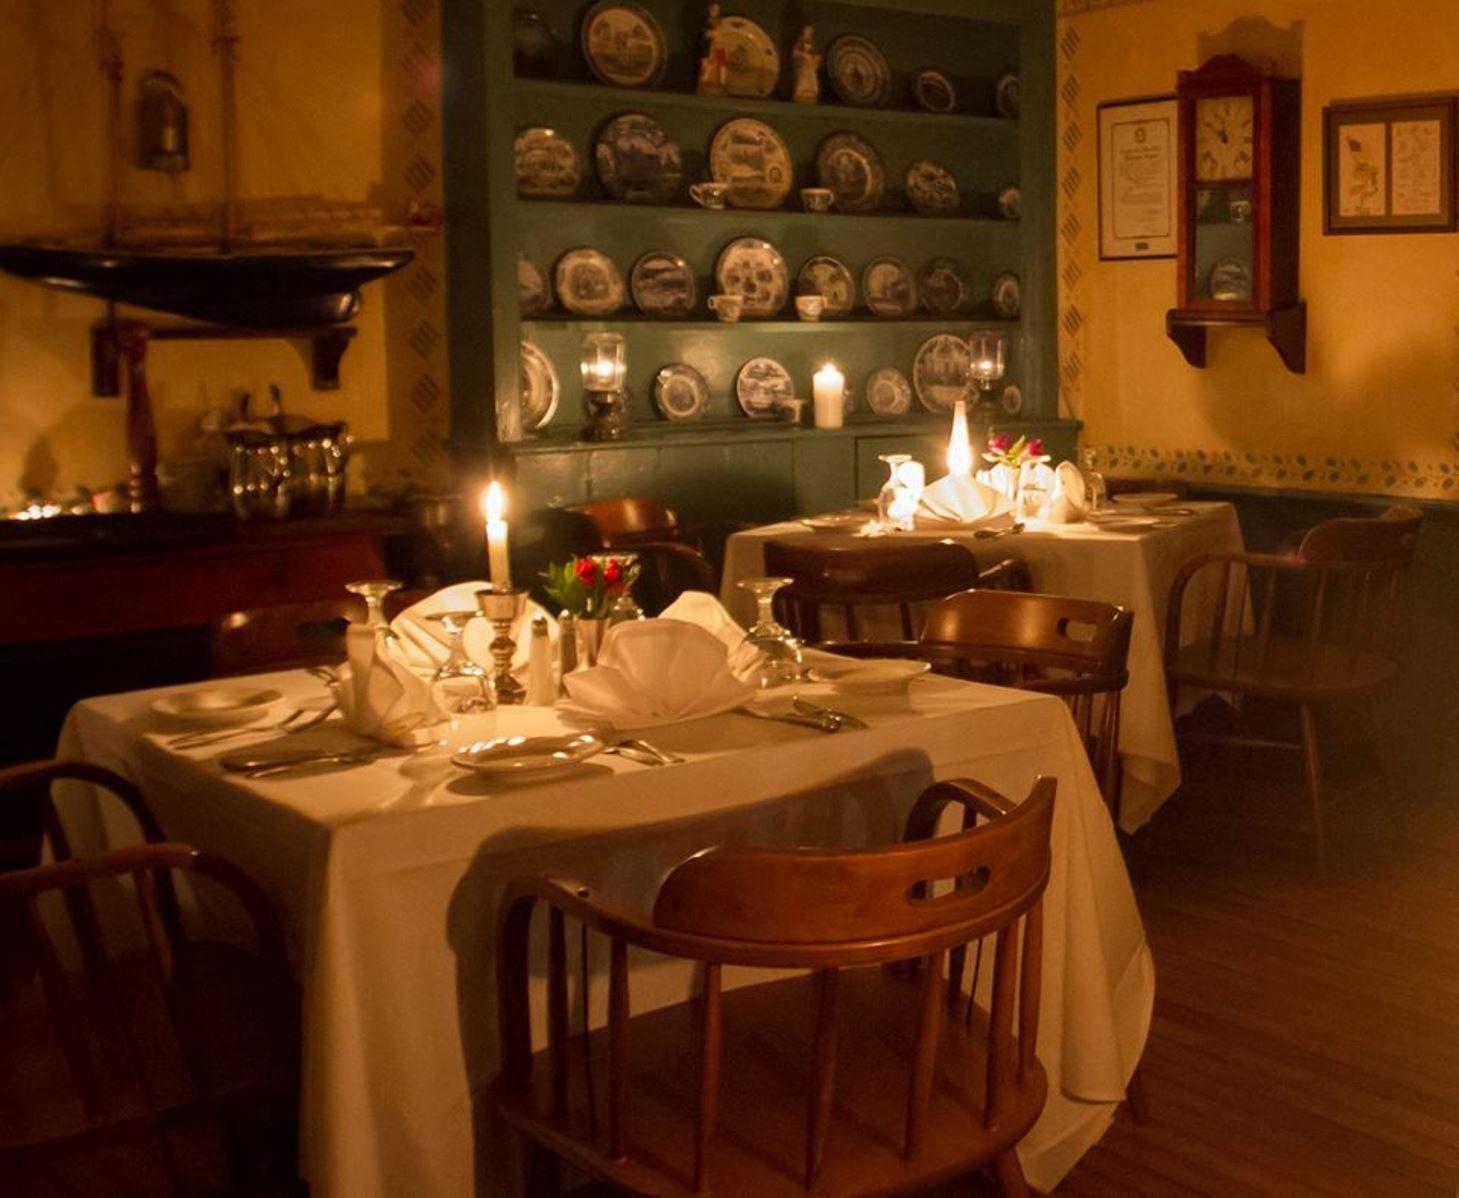 Romantic dinner setting inside Ye Olde Tavern